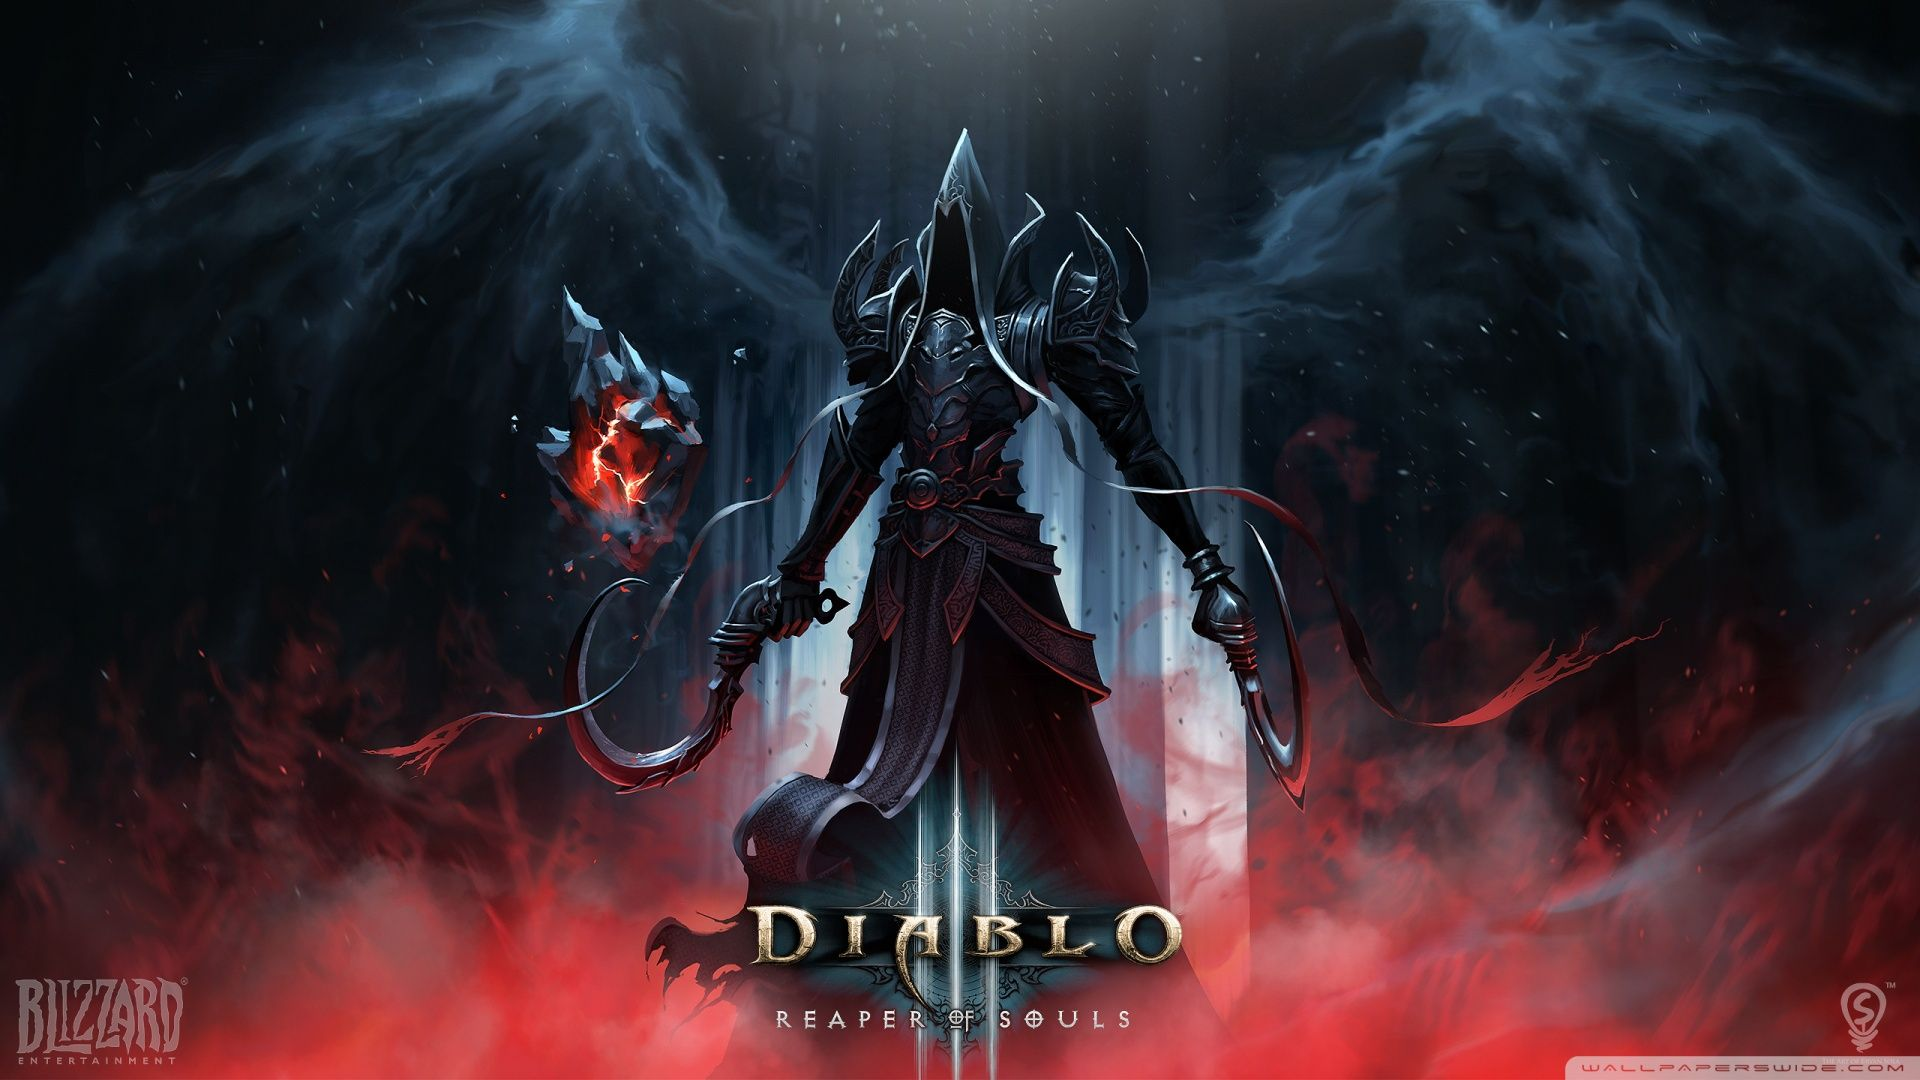 Diablo Wallpaper 1920 1080 Hd Wallpaper Diablo Game Diablo Reaper Of Souls Diablo